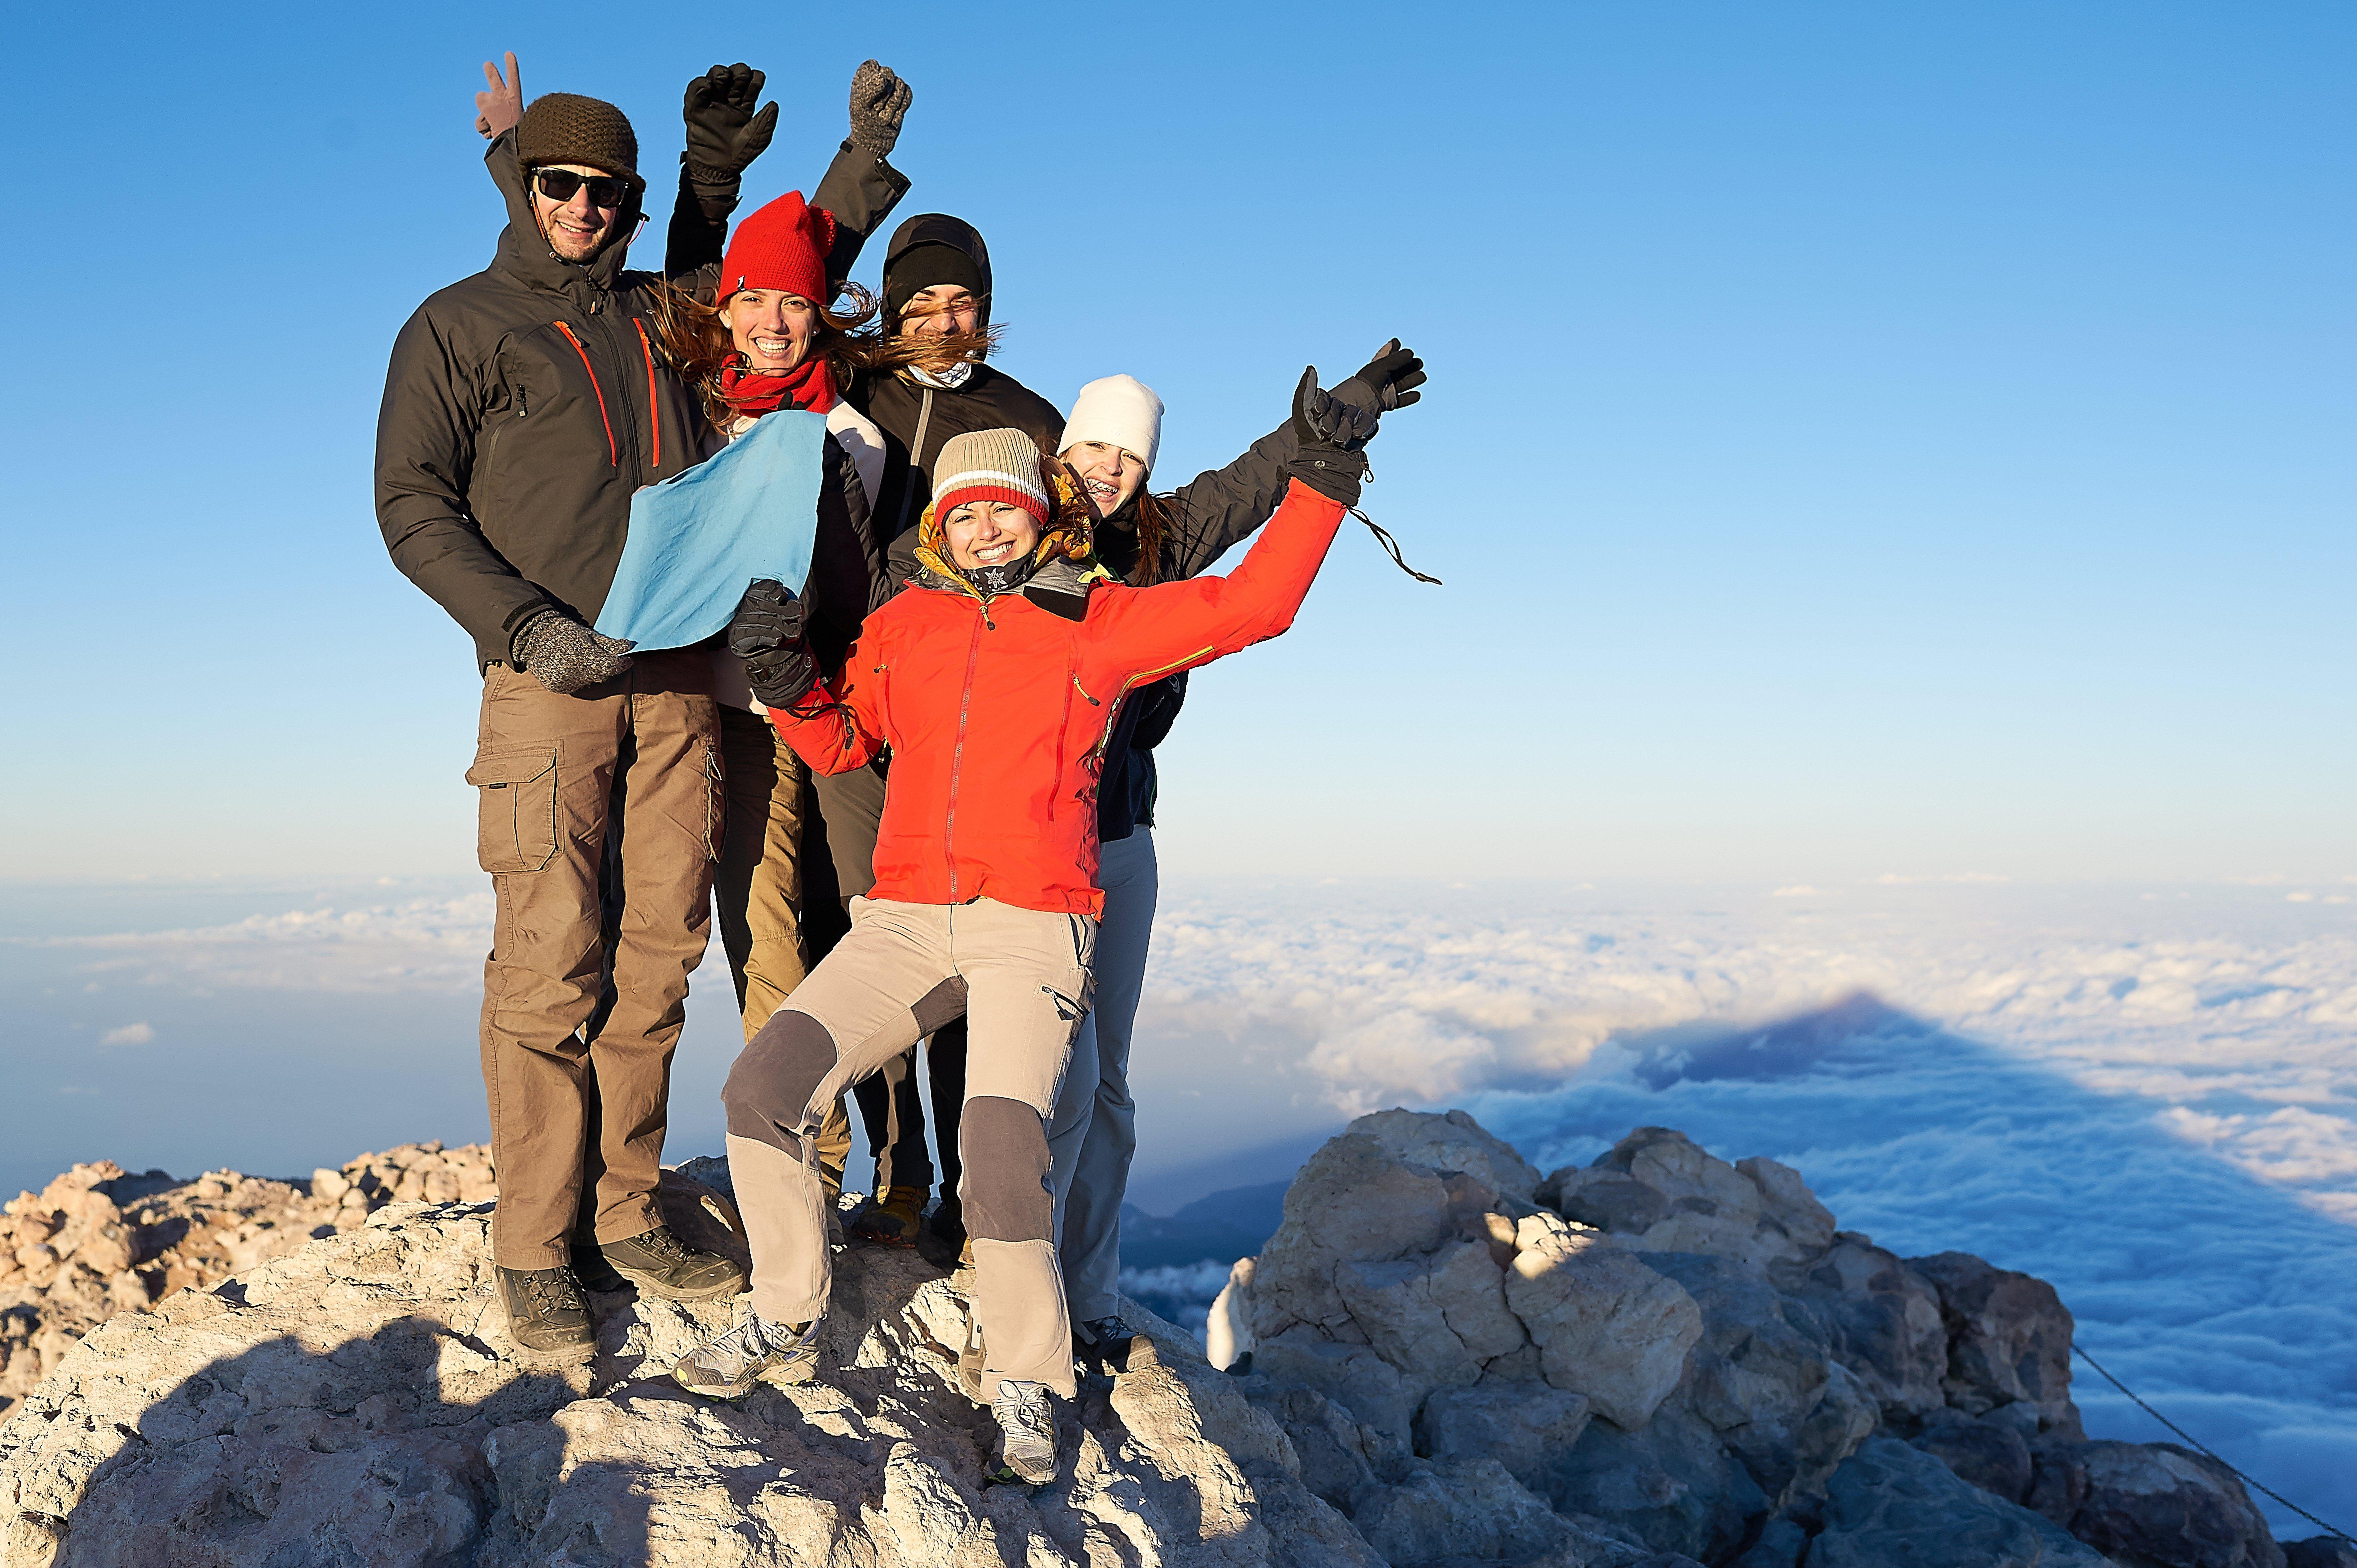 Subir al pico del Teide en teleférico por tu cuenta